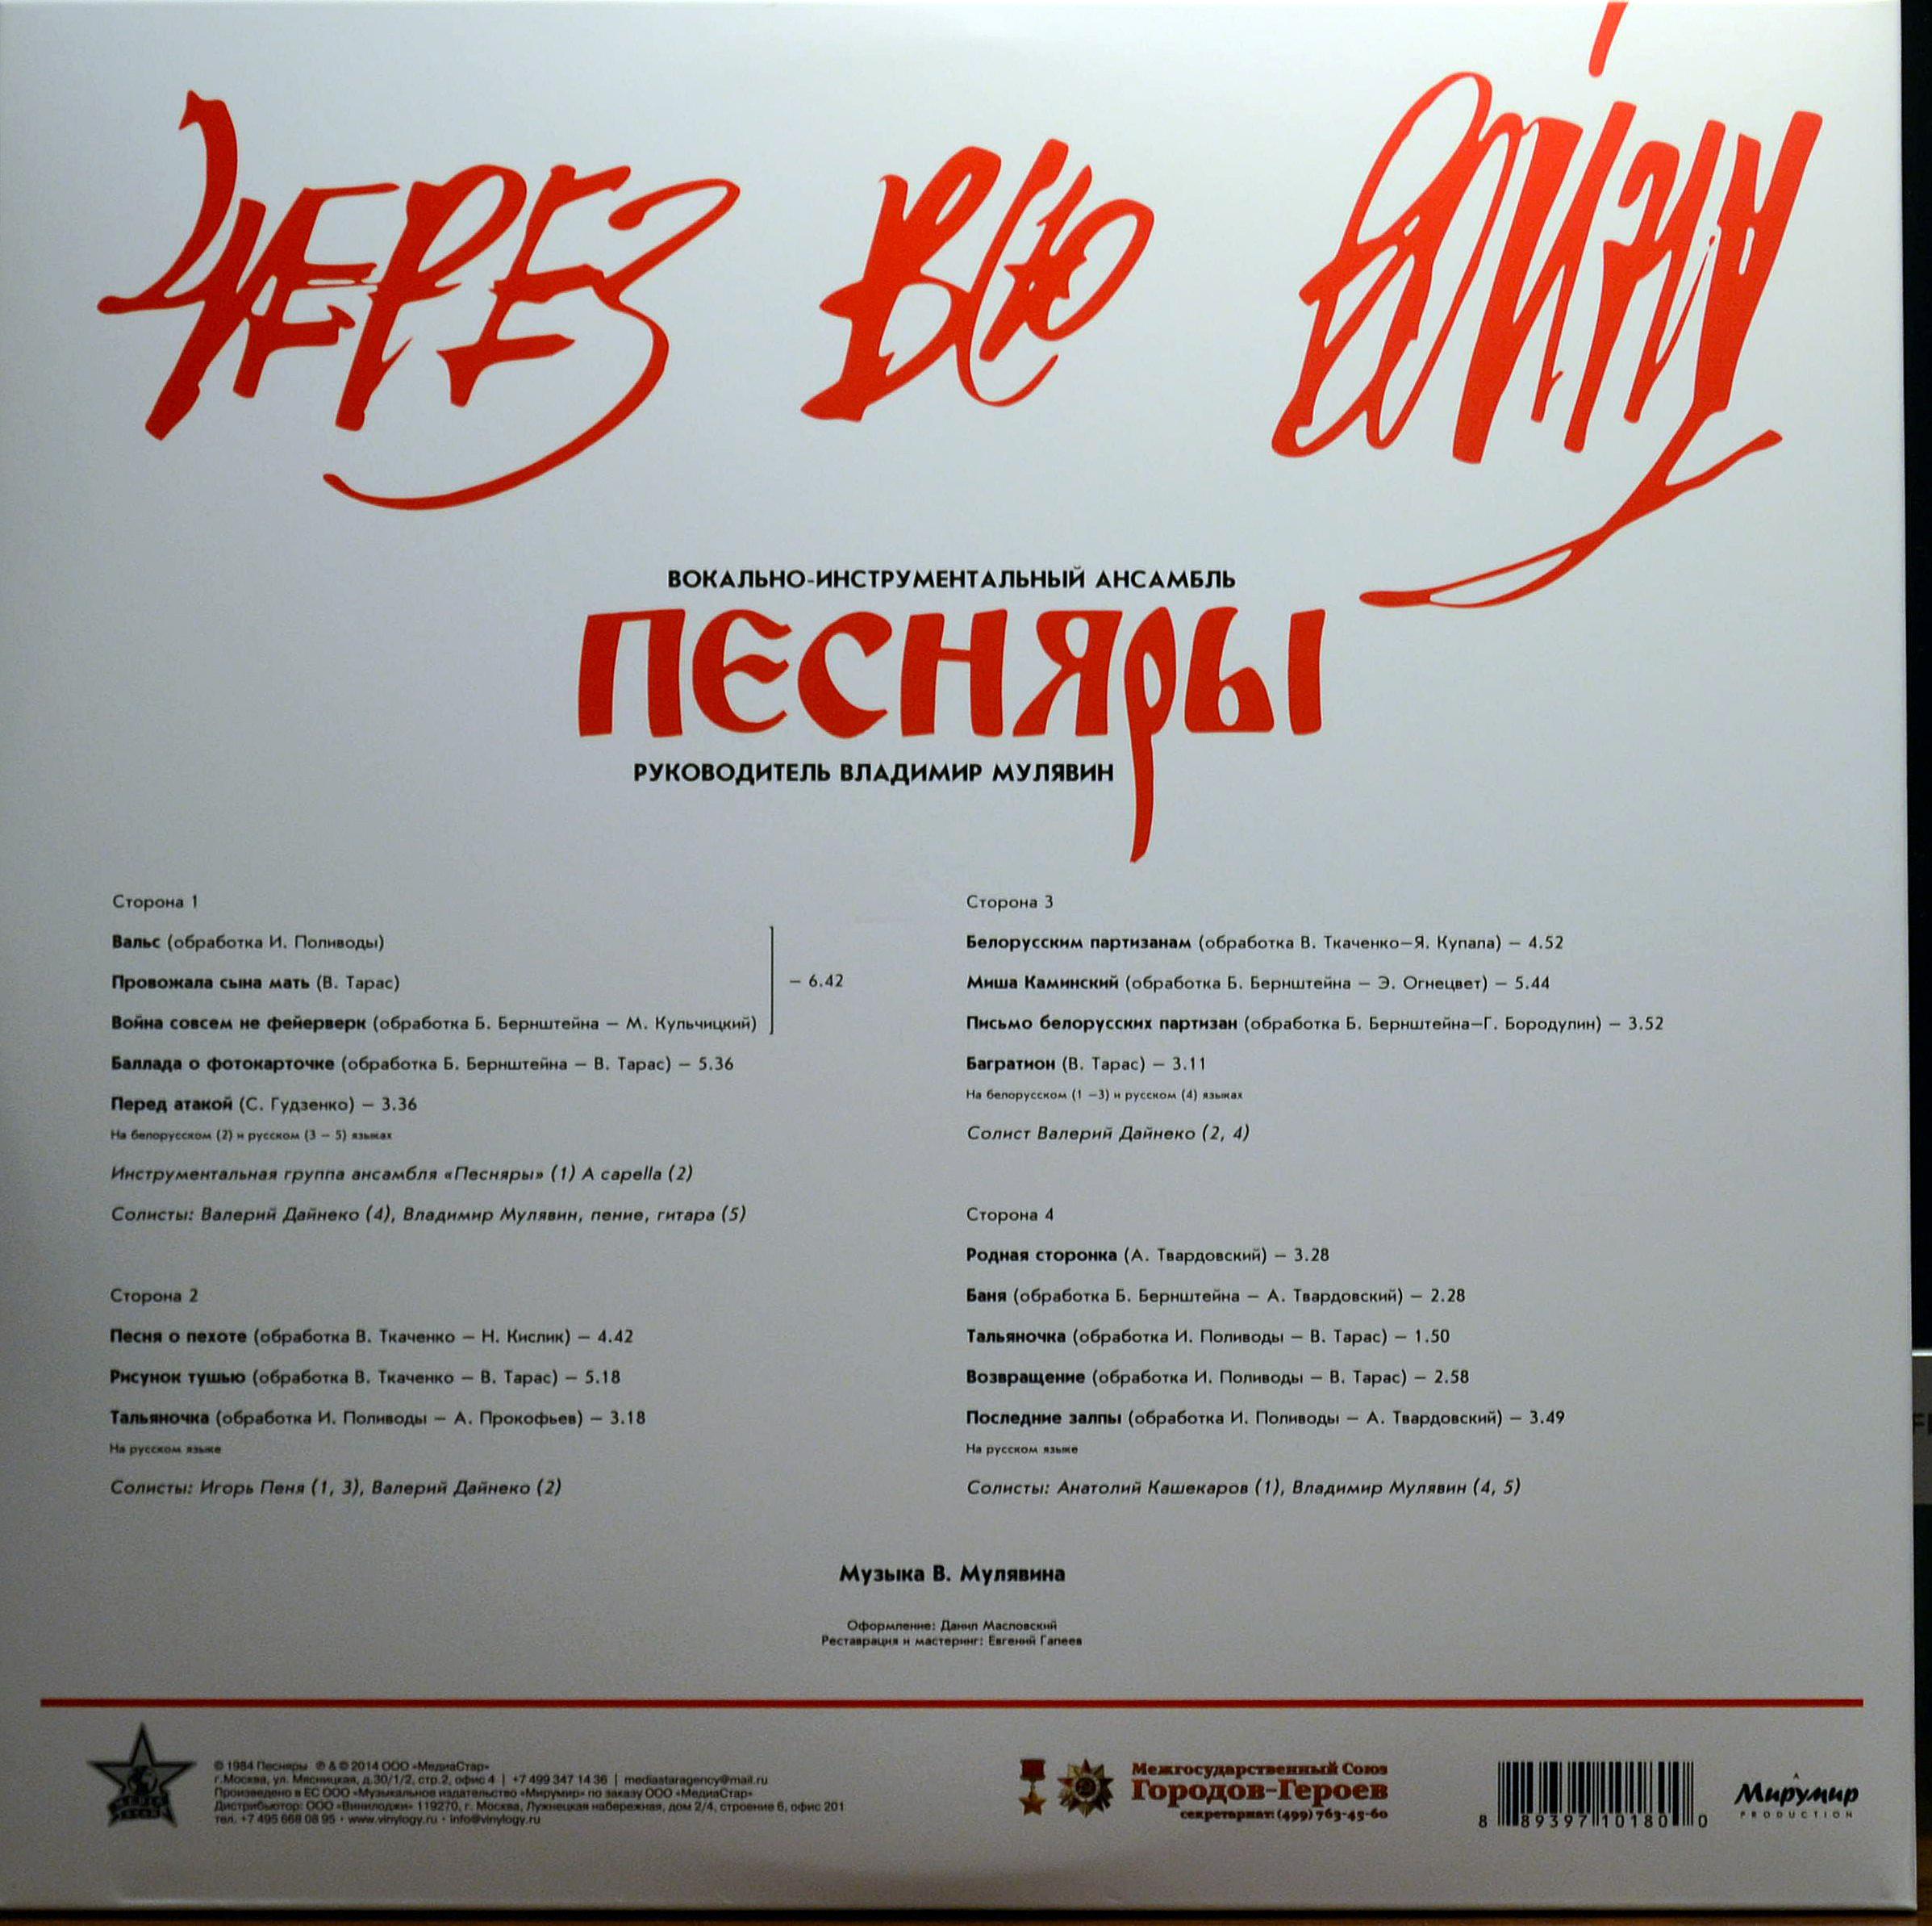 http://img-fotki.yandex.ru/get/15527/15114717.4c/0_16dc82_fe811eaf_orig.jpg